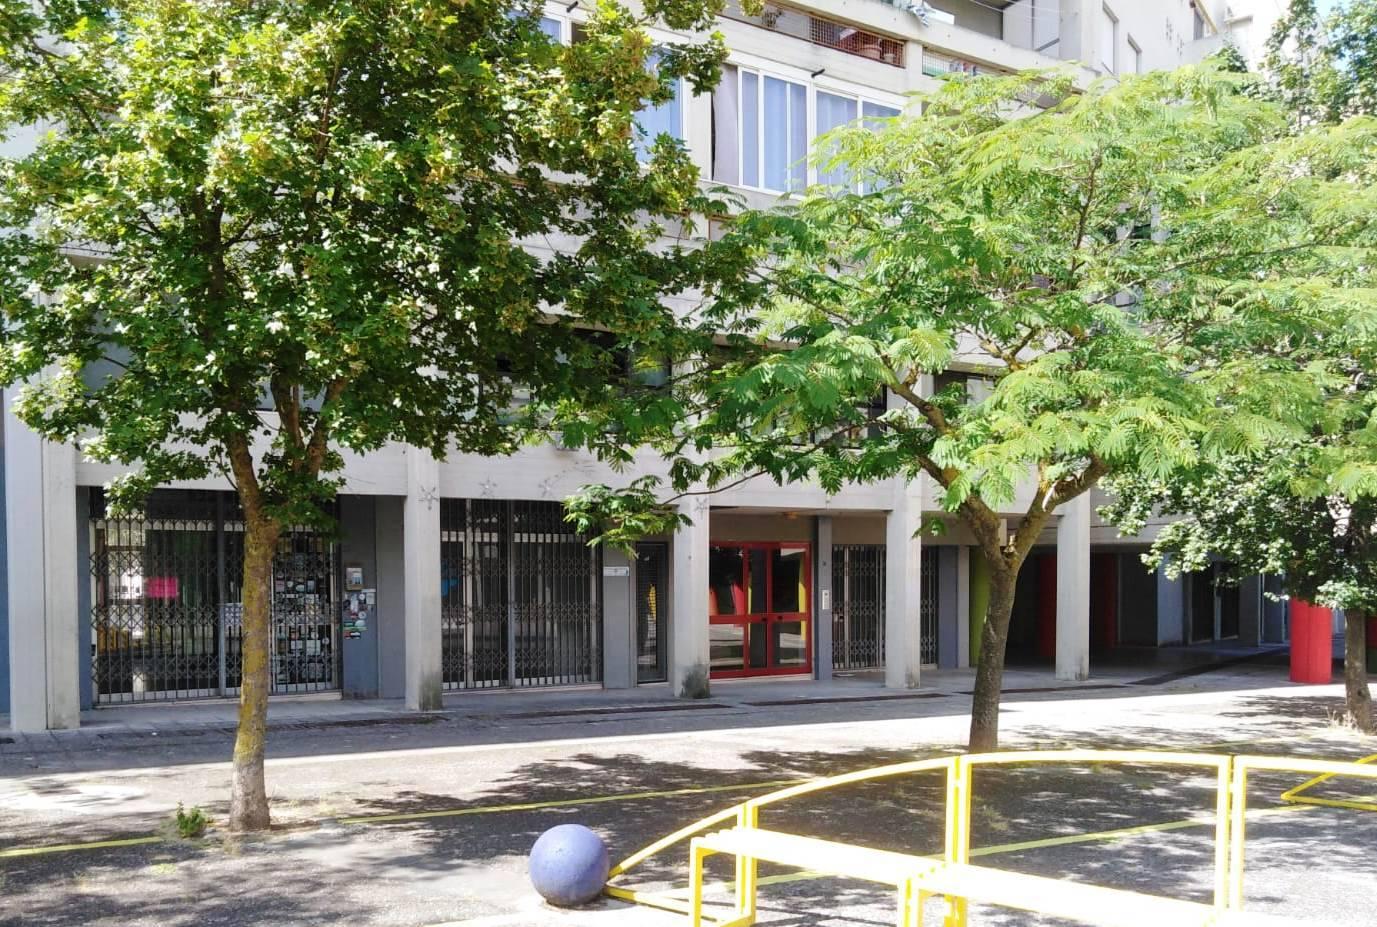 Negozio / Locale in affitto a Matera, 2 locali, zona Zona: Periferia Nord, prezzo € 450 | CambioCasa.it